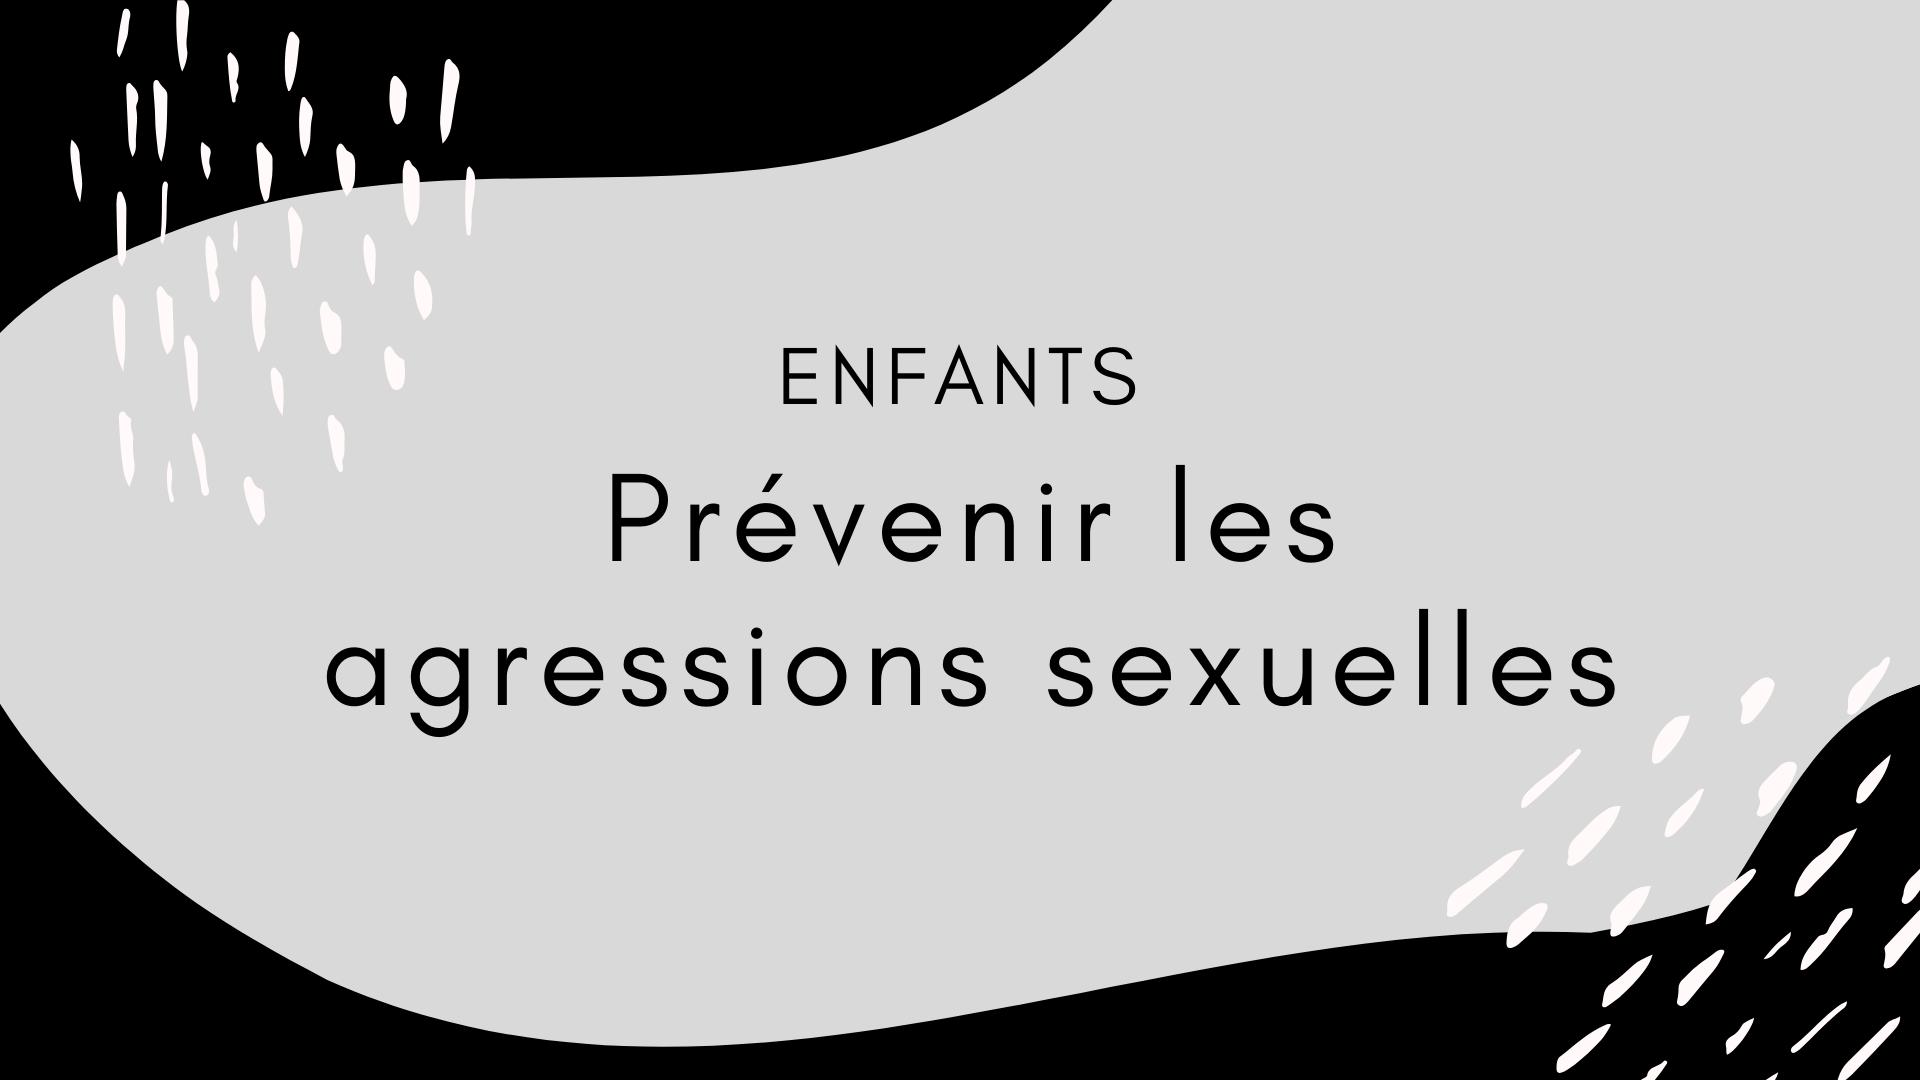 Enfants _ prévenir les agressions sexuelles